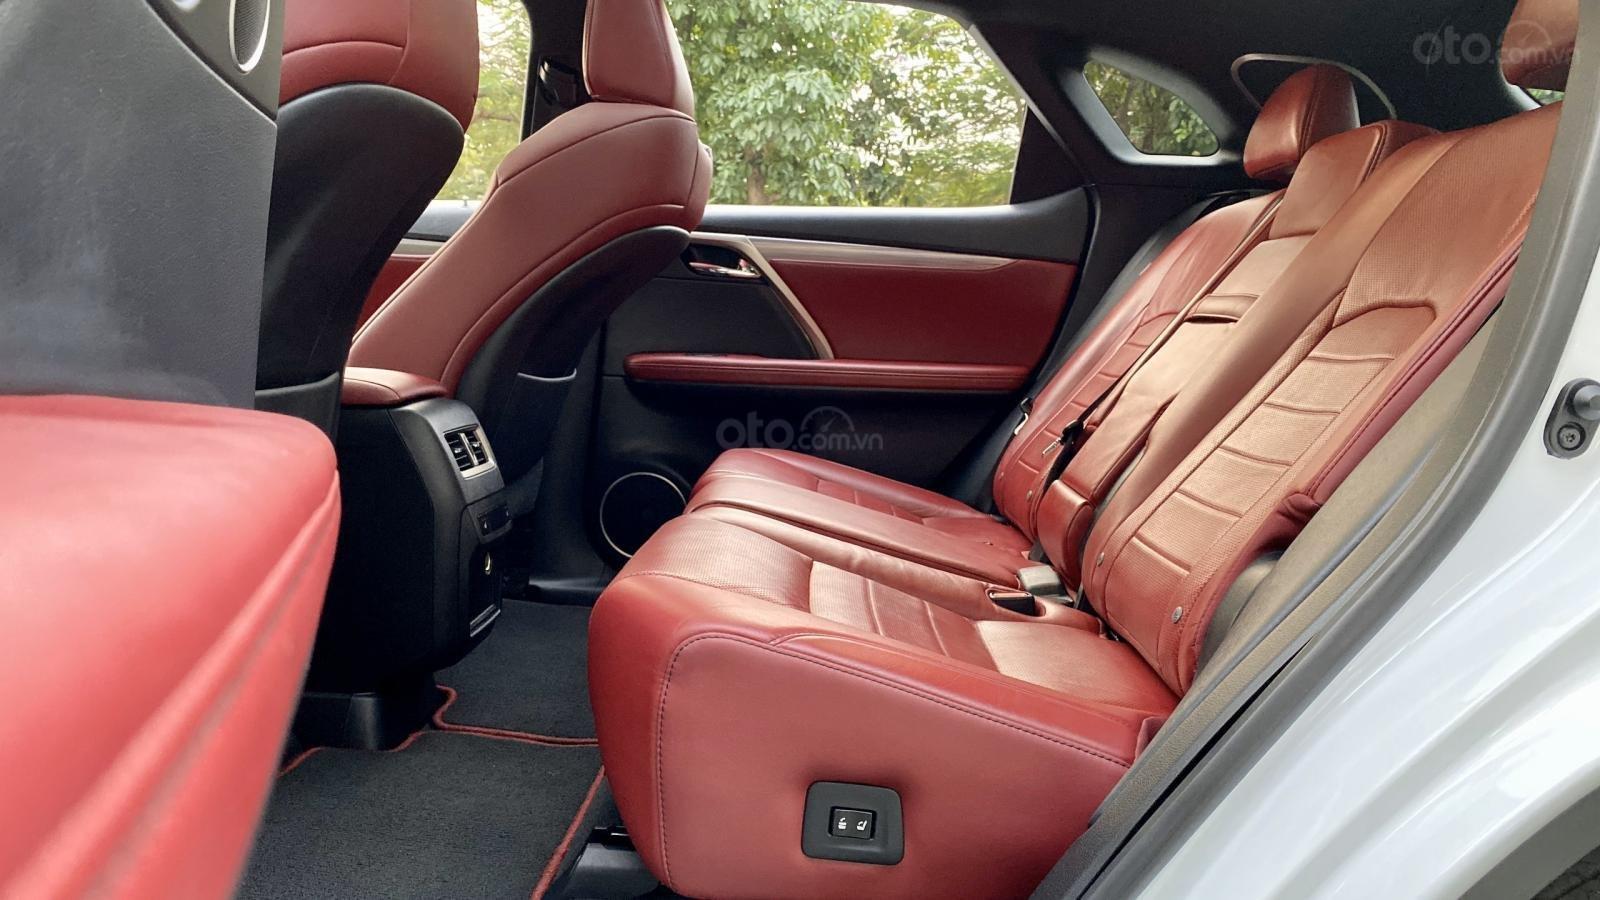 Bán xe Lexus RX 350 Fsport nhập Mỹ sản xuất 2018 đã qua sử dụng LH Ms Hương, giao xe toàn quốc, giá tốt (8)